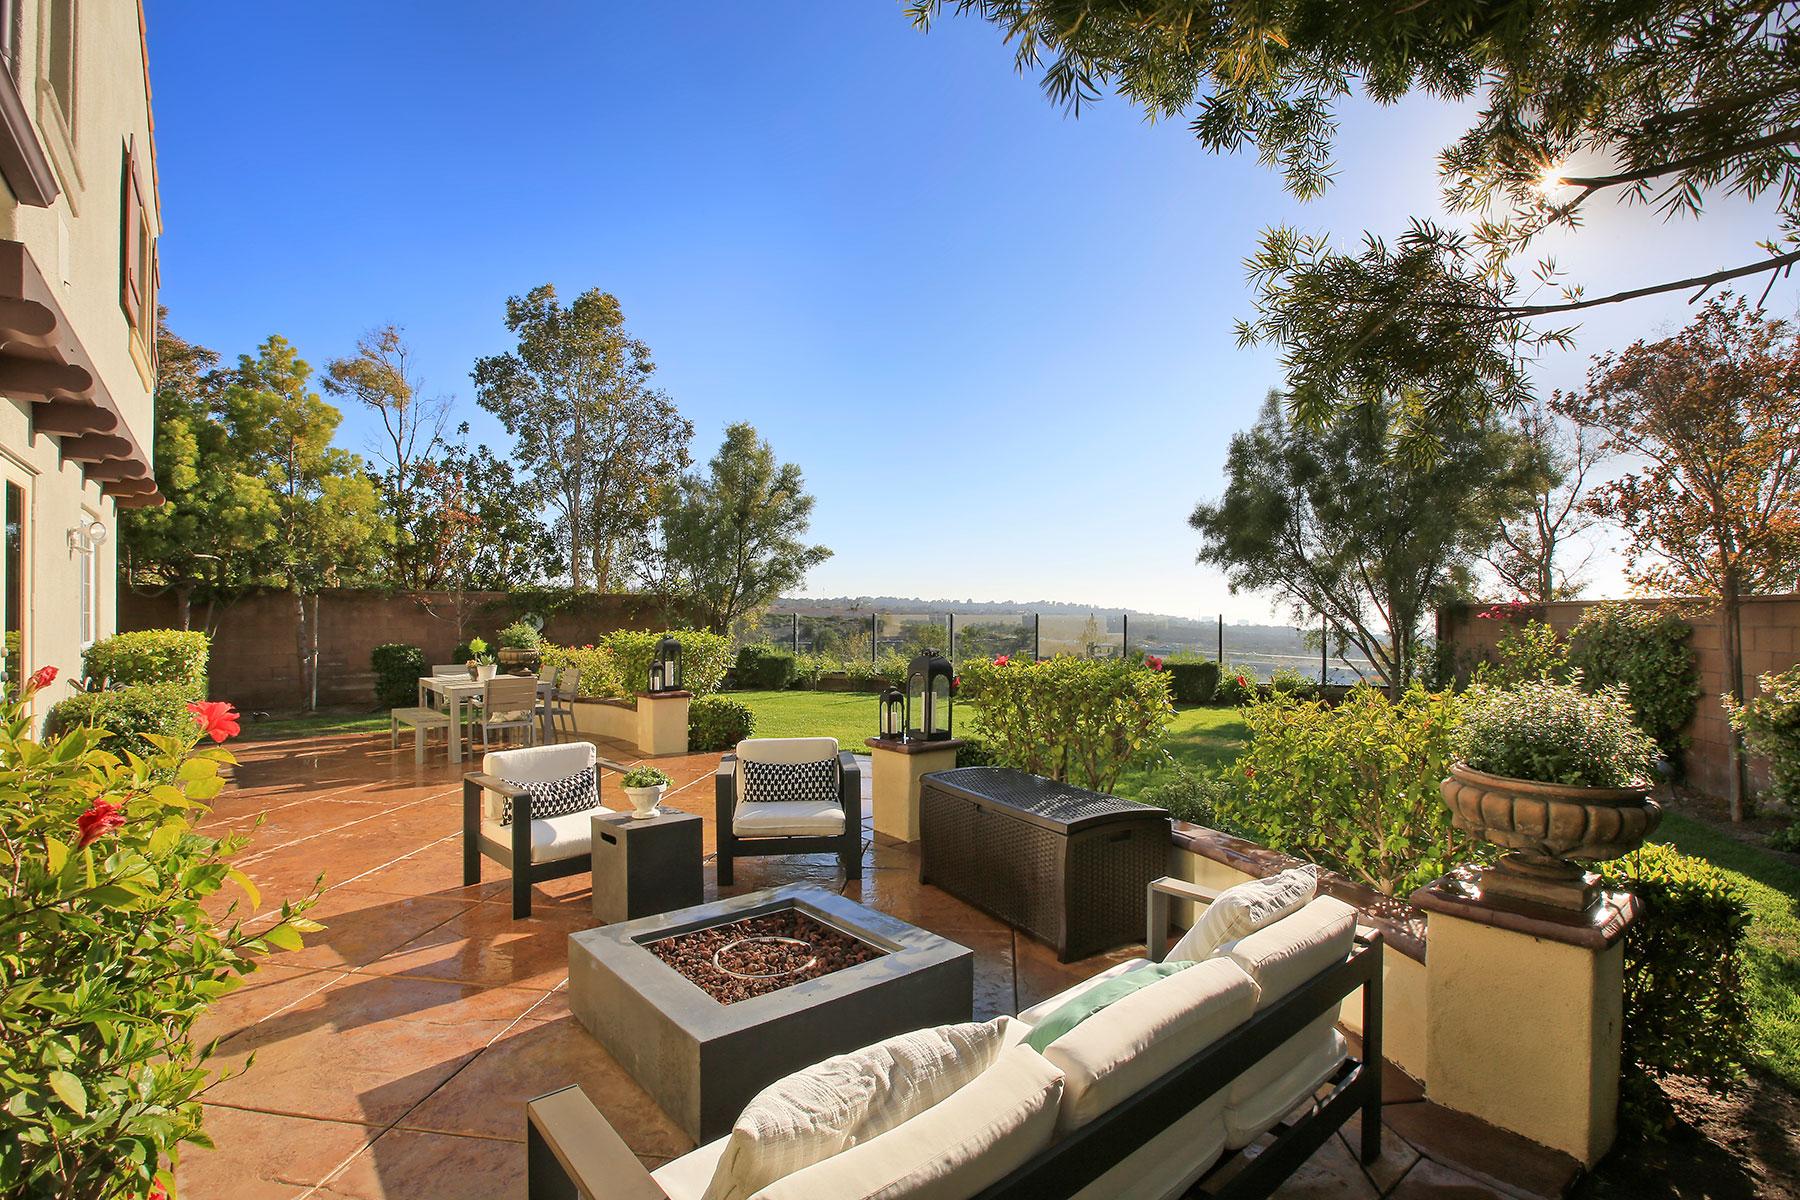 一戸建て のために 売買 アット 53 Arborside Irvine, カリフォルニア, 92603 アメリカ合衆国